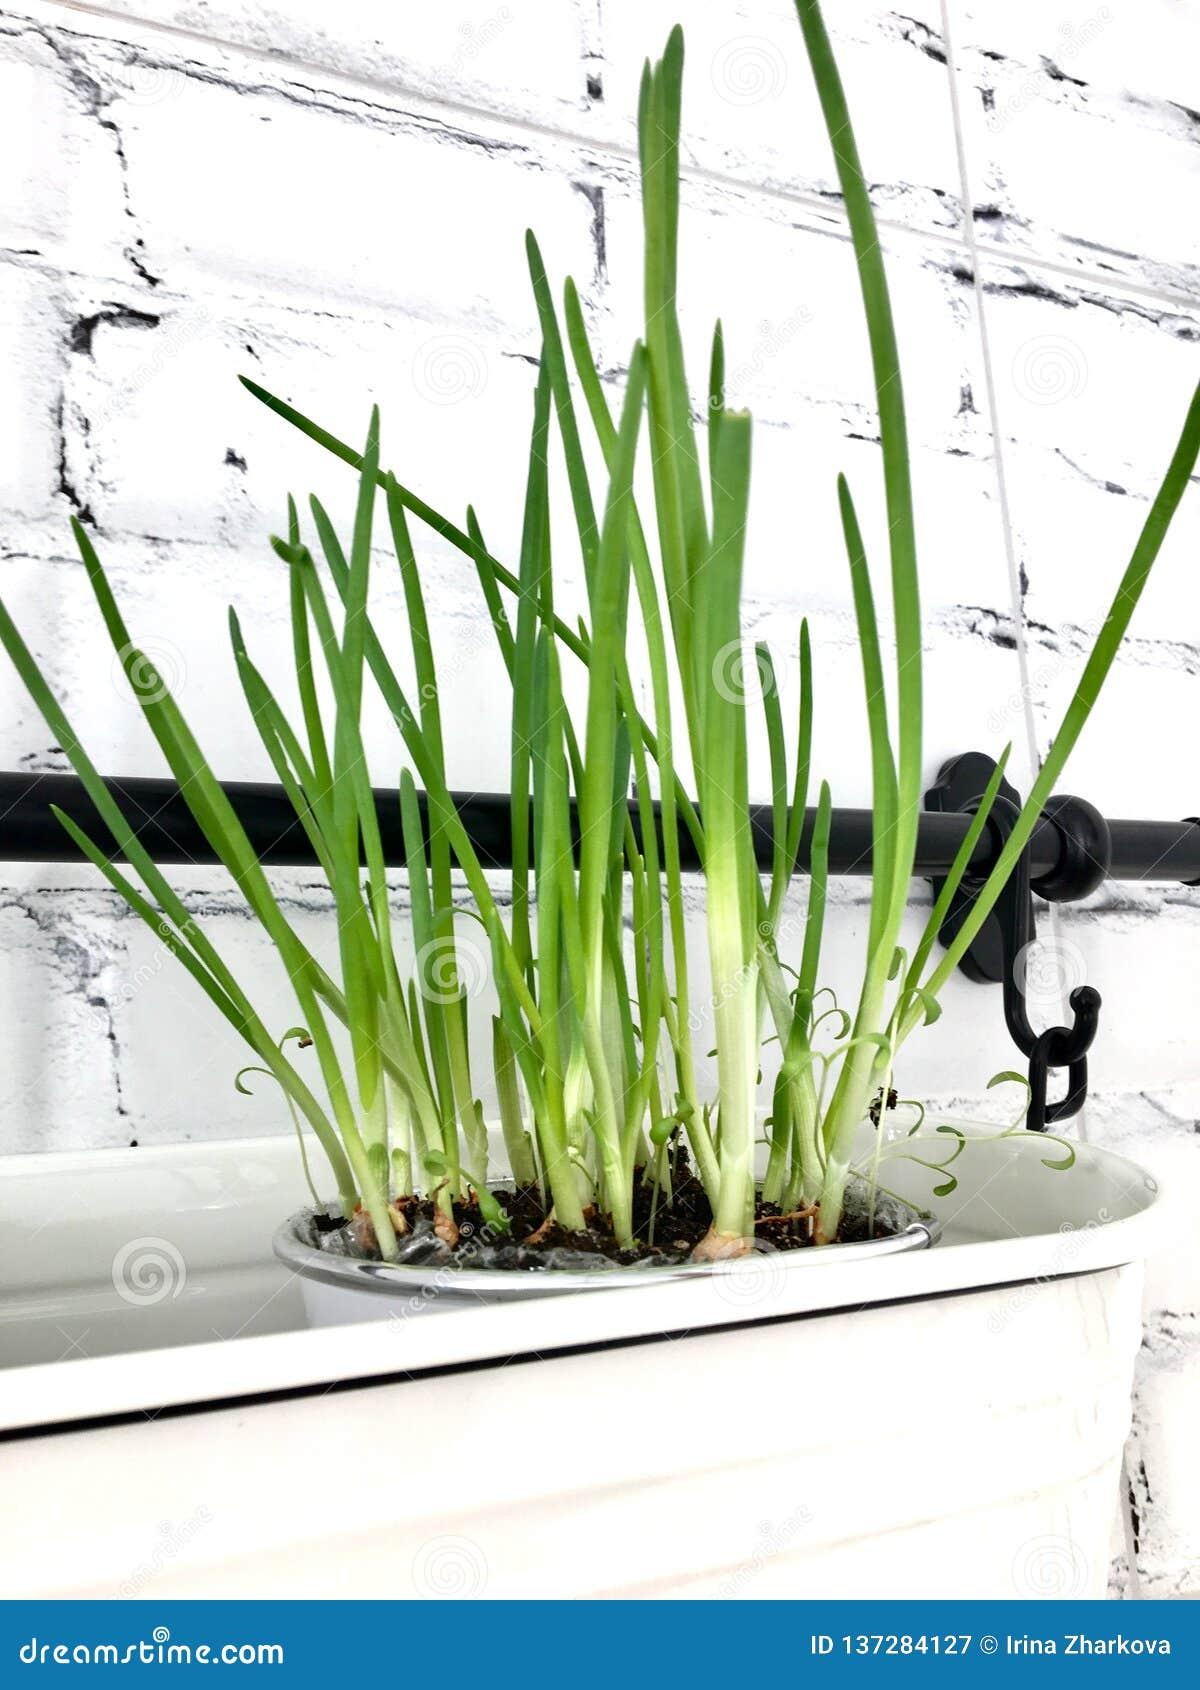 Junge Frühlingsfrühlingszwiebeln in den weißen keramischen Tellern in der Küche